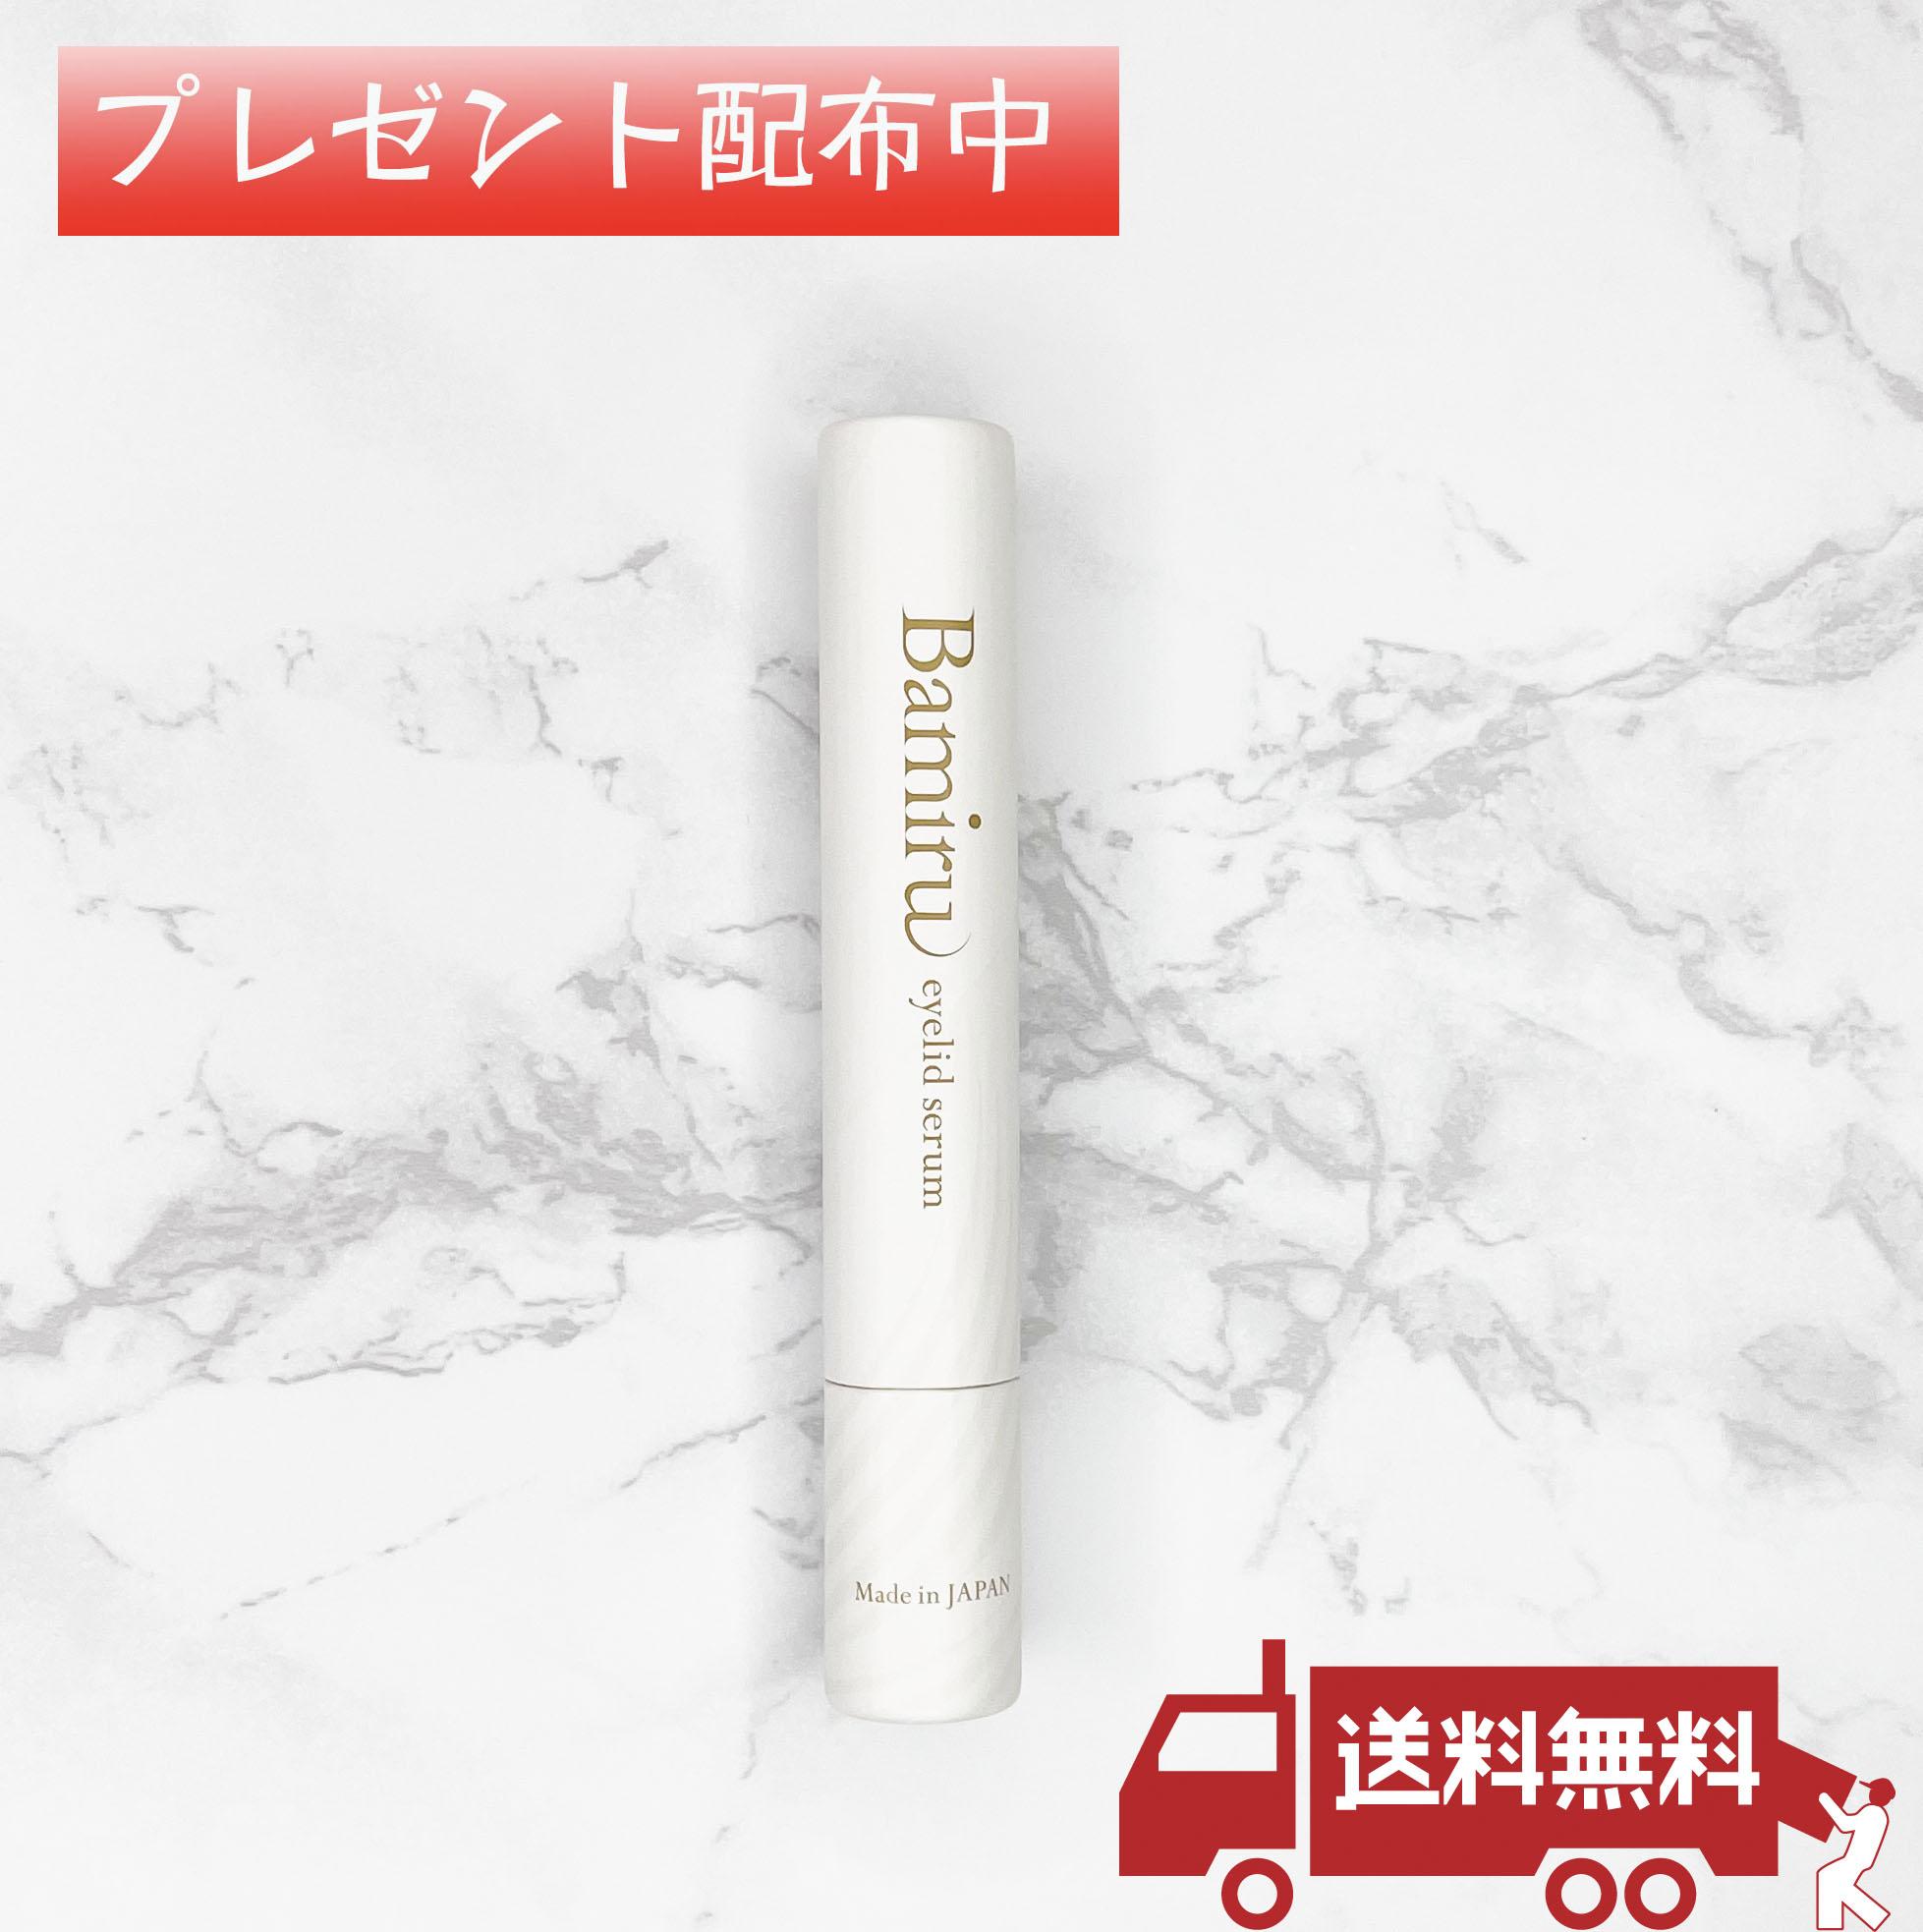 ファッション通販 まつげ美容液 Bamiru eyelid serum 無添加処方 ポイント3倍 バミル 1.8ml 毎日続々入荷 アイリッド セラム